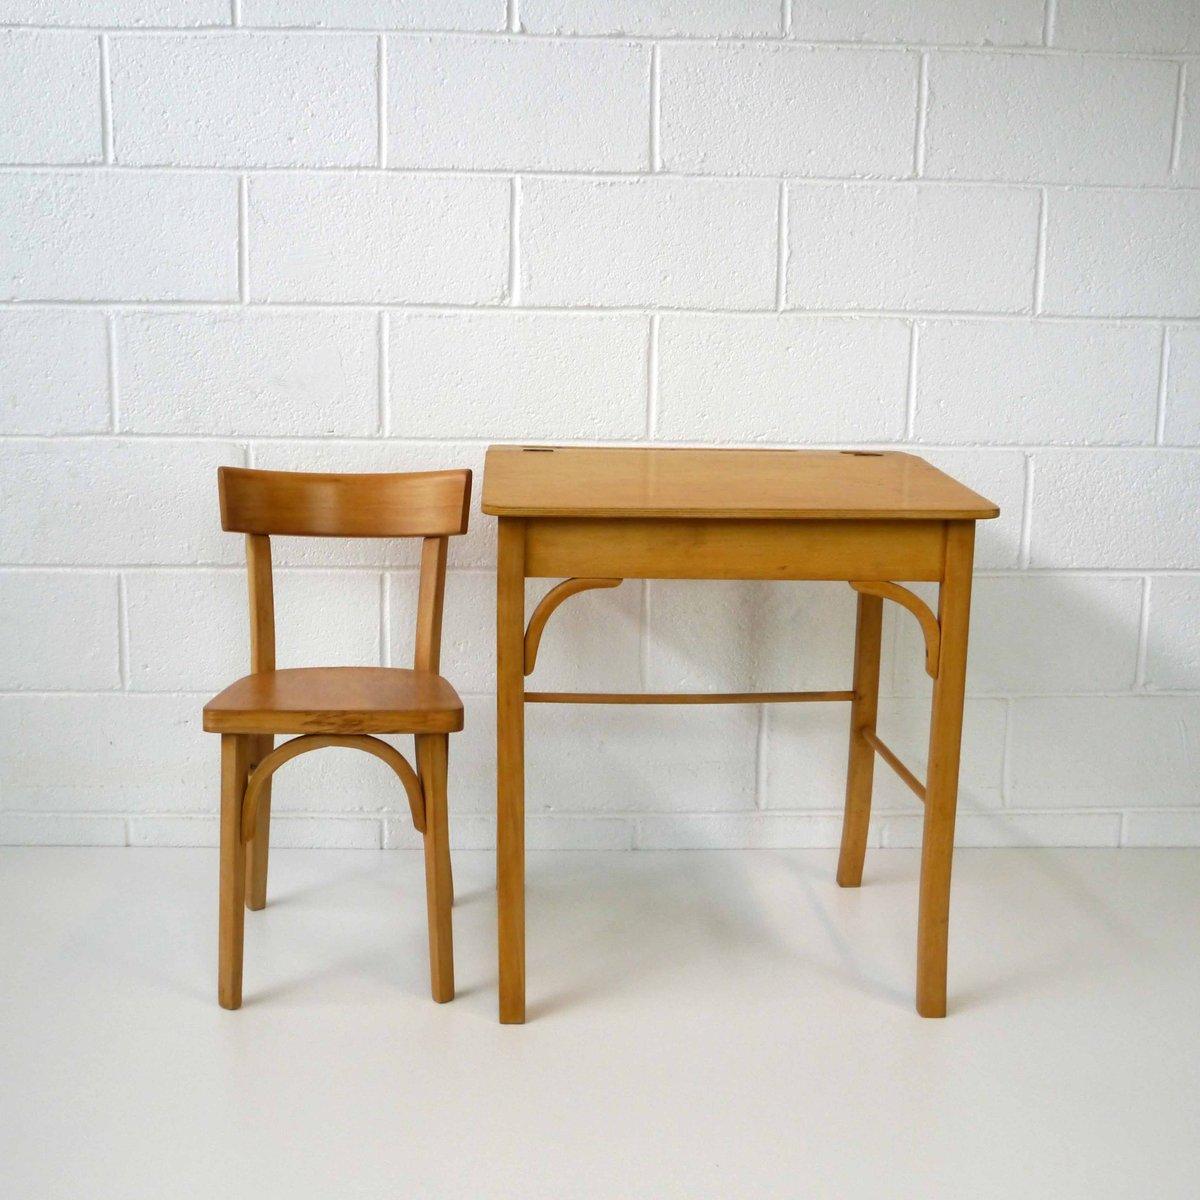 schreibtisch mit stuhl hochwertiger schreibtisch mit stuhl kirsche hochwertiger schreibtisch. Black Bedroom Furniture Sets. Home Design Ideas